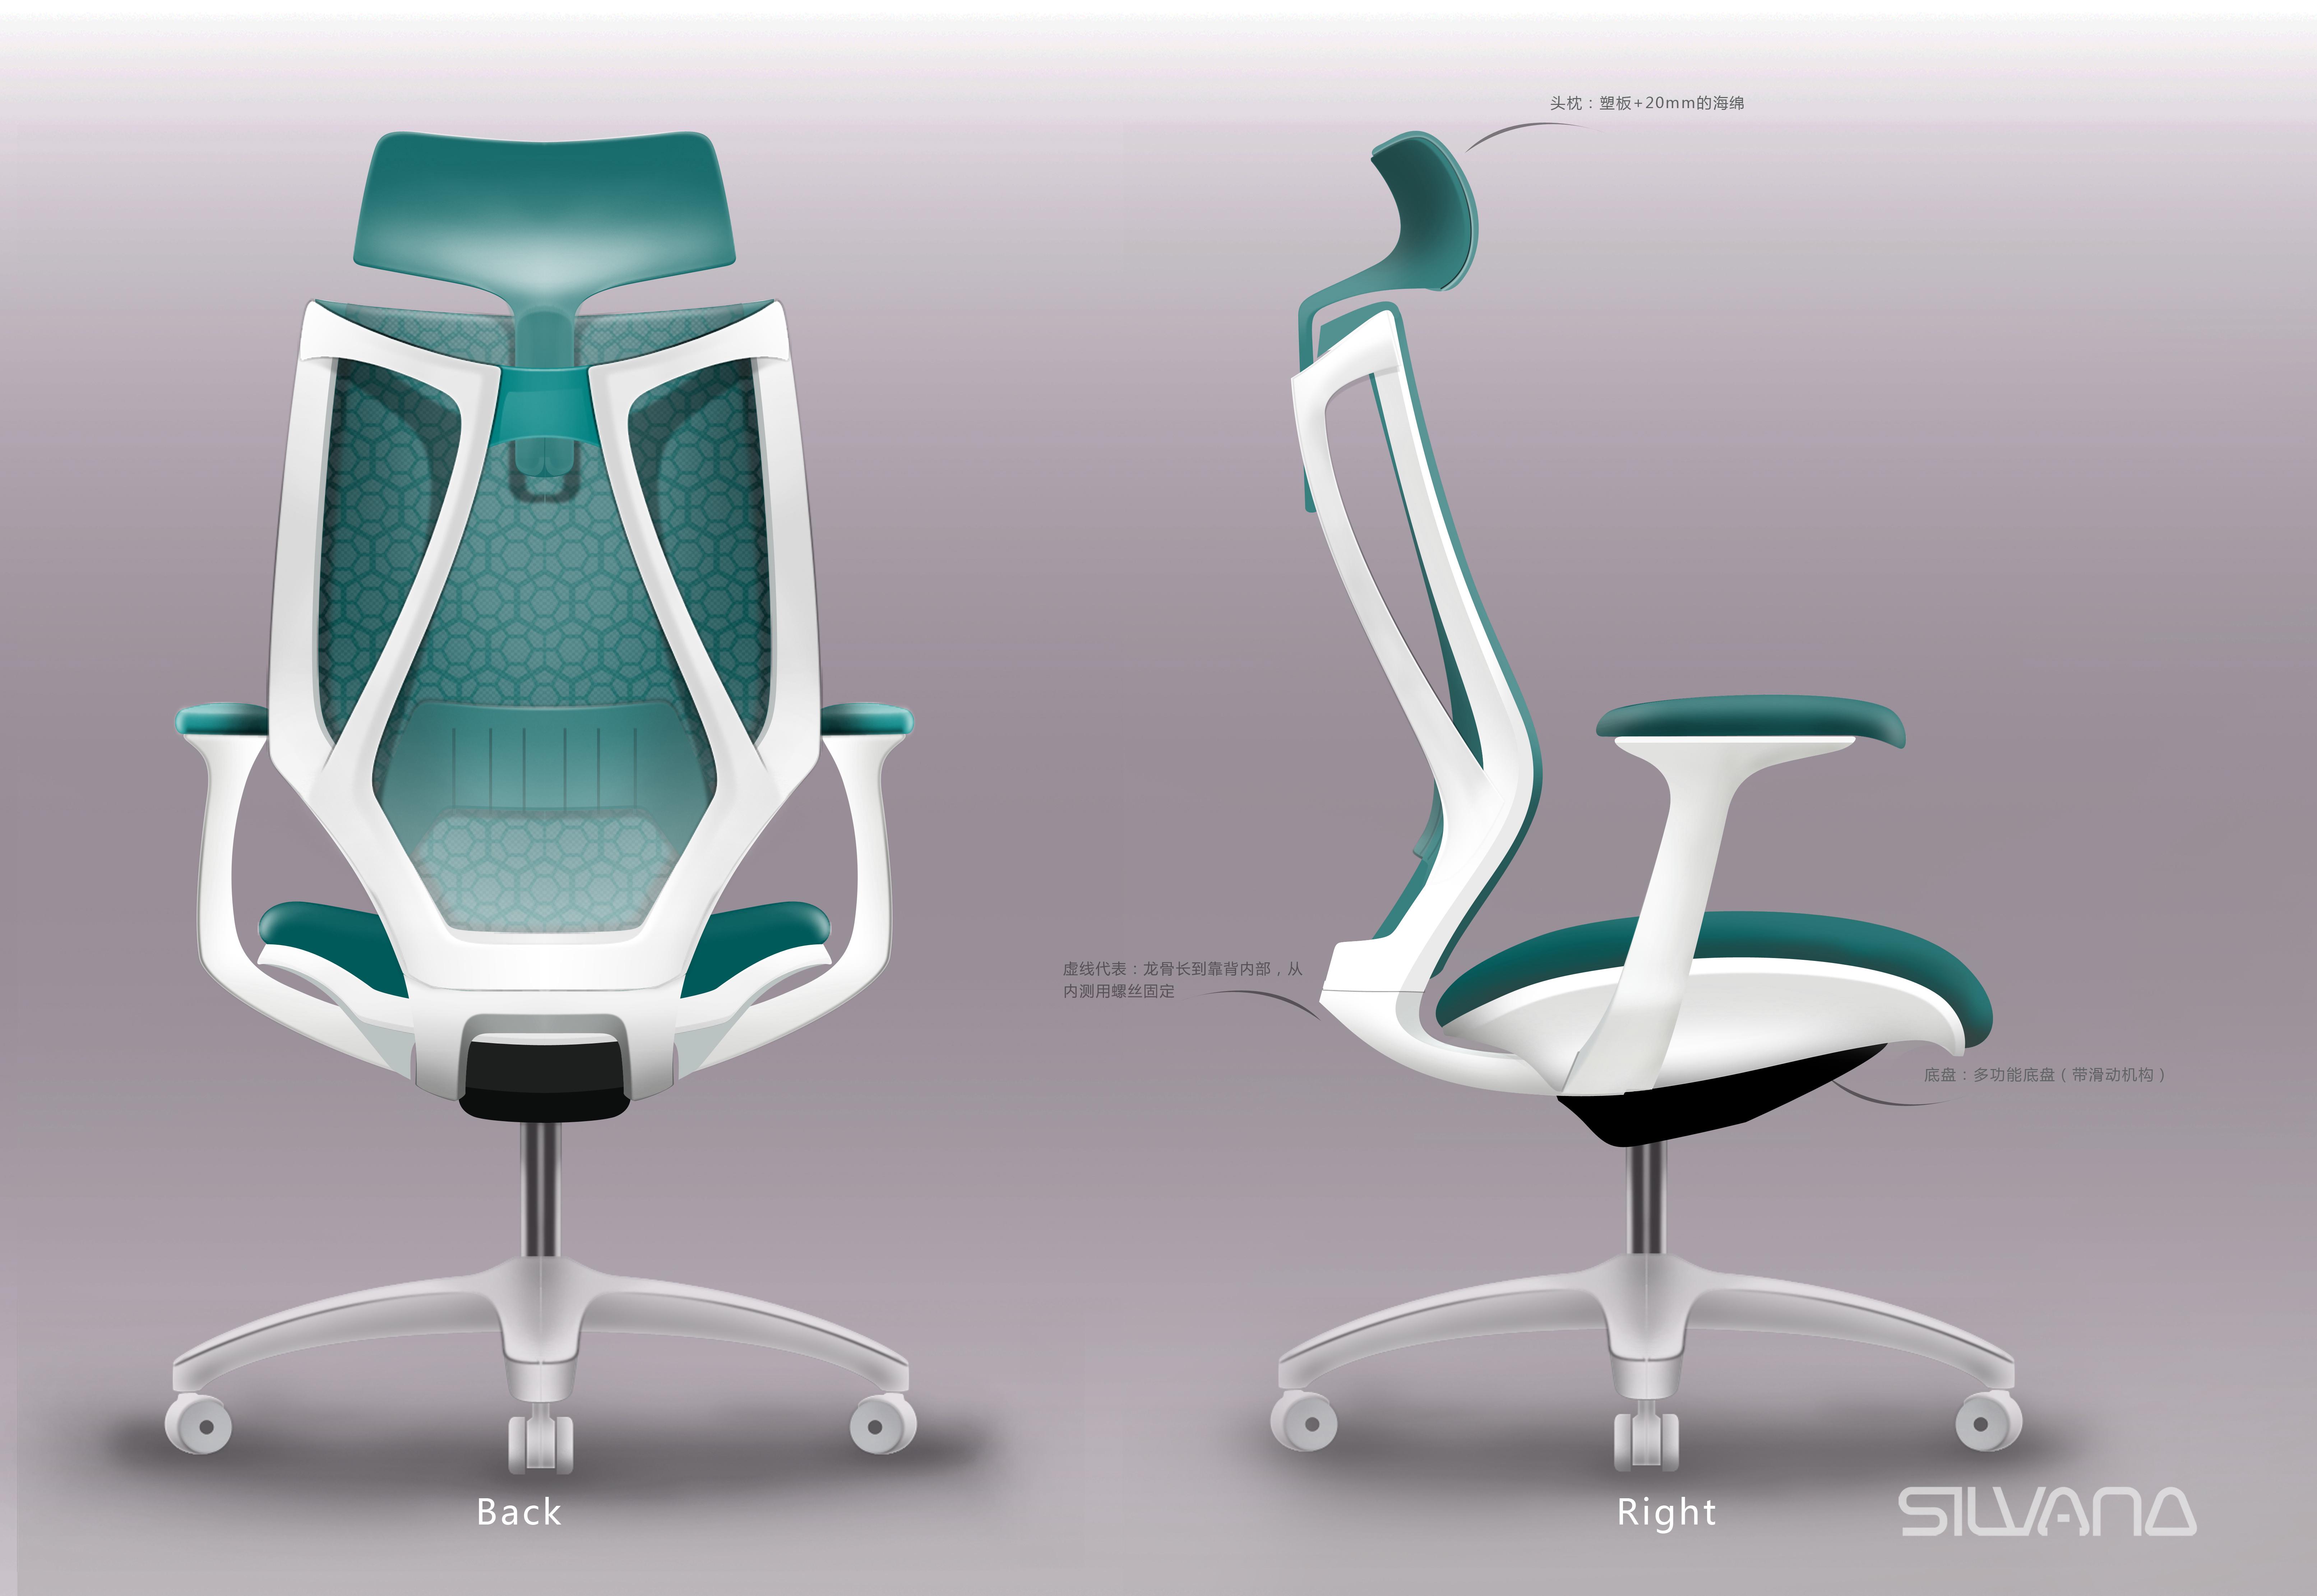 家具 椅 椅子 6450_4443图片